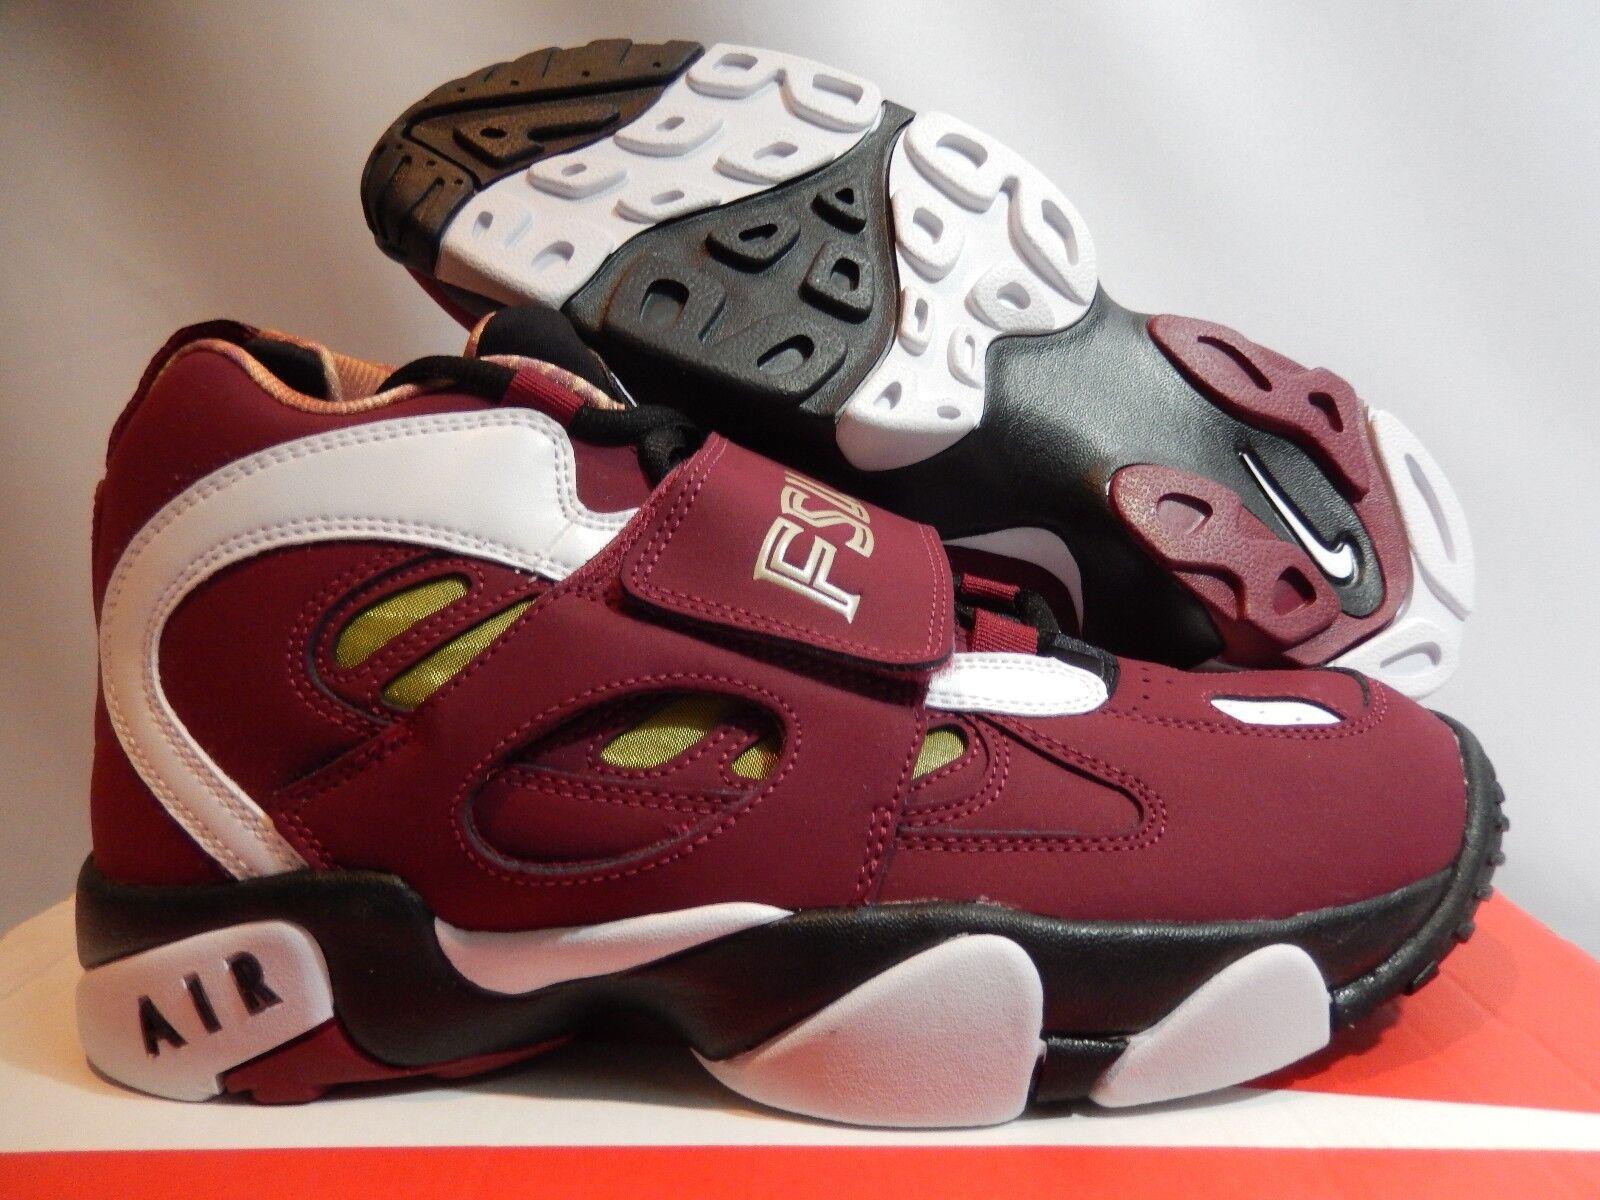 Nike Air Diamond Turf Ii Prm Qs Florida FSU Florida Qs State Seminoles [700867-600] 75f5d6